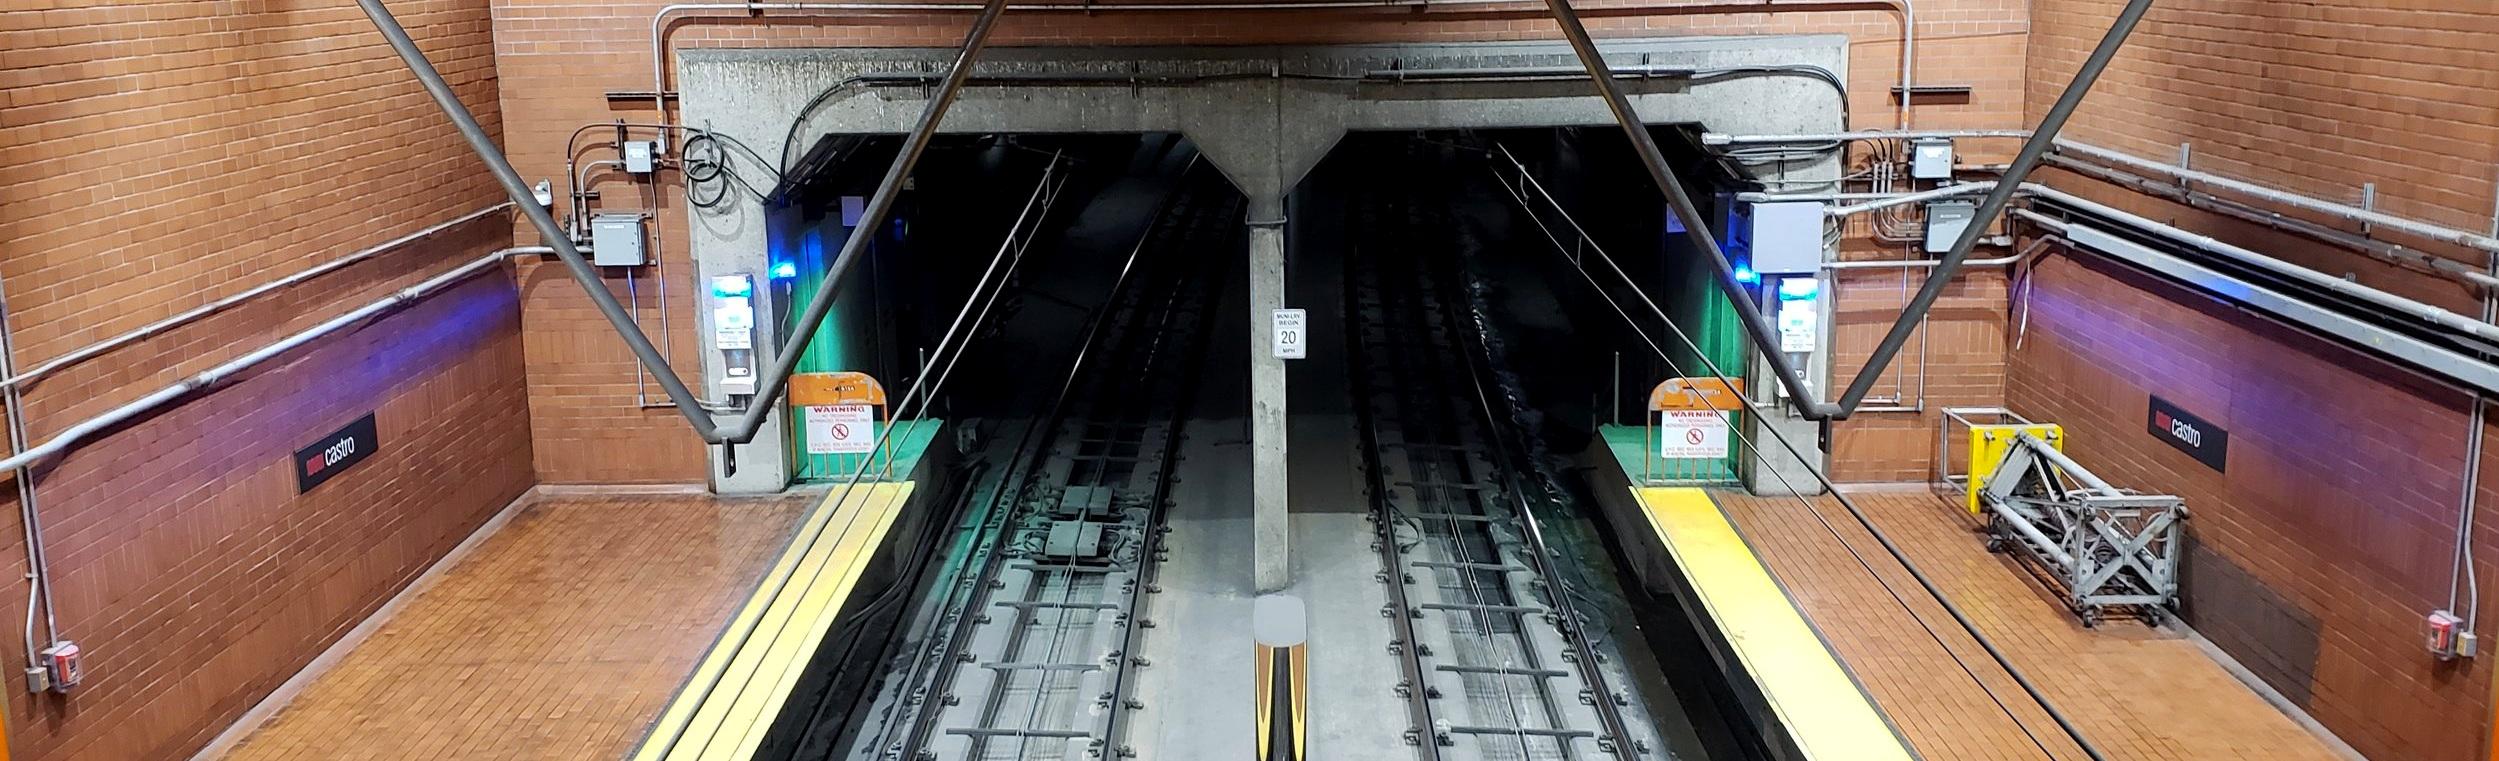 Muni Metro Redesign — Jihyung Lee